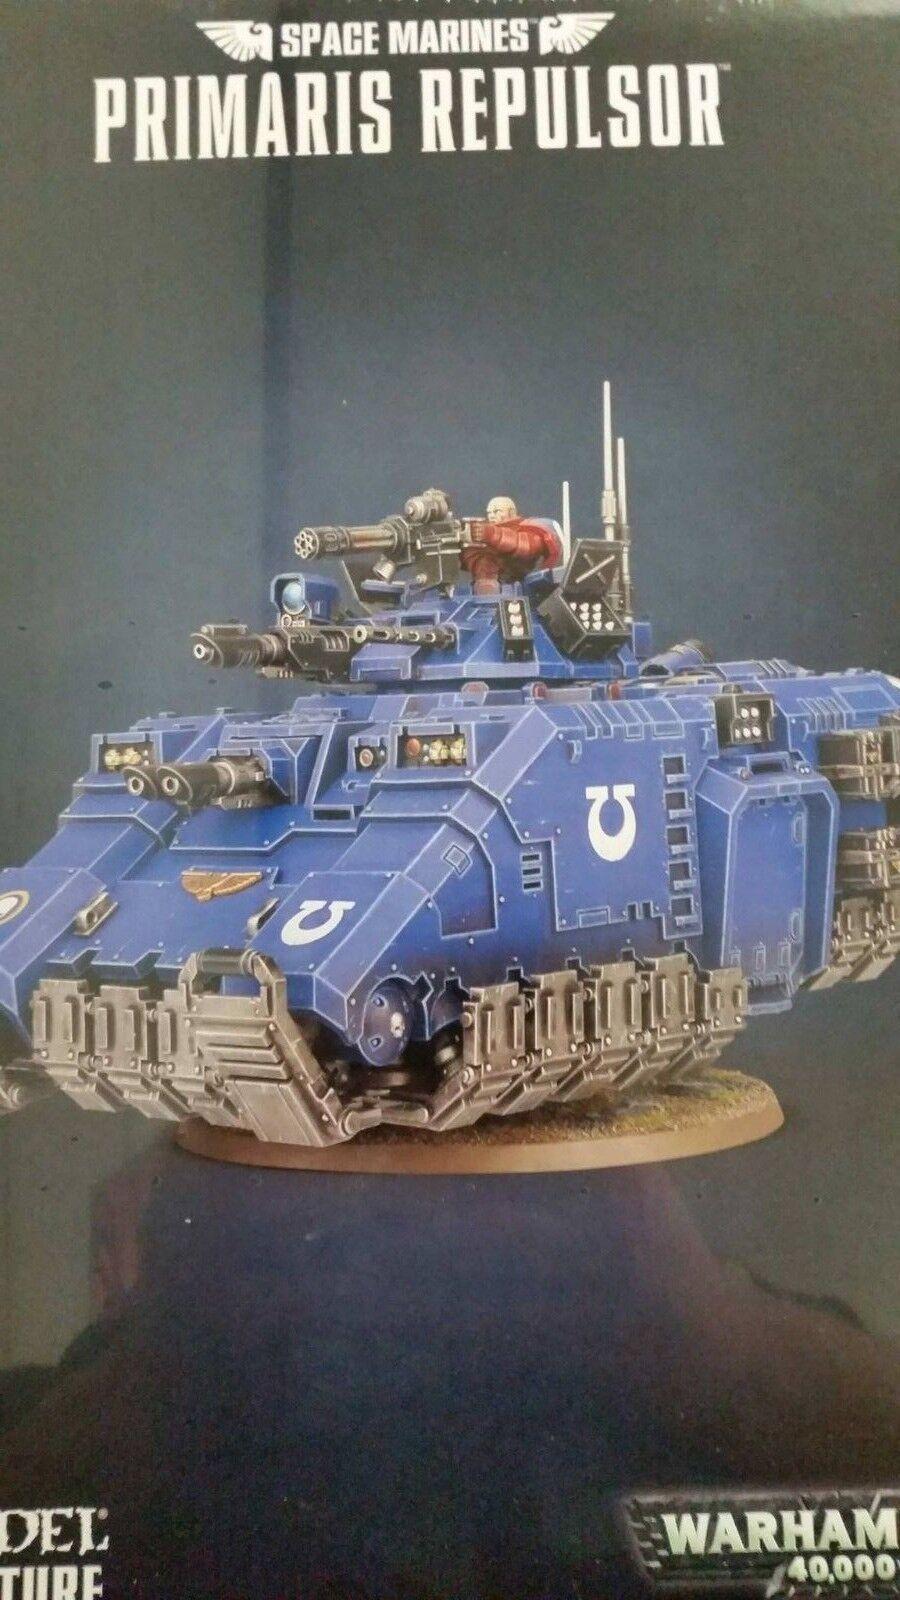 Warhammer 40K Adeptus Astartes marines espaciales Primaris Primaris Primaris Repulsor Visuel Tanque, nuevo  garantía de crédito